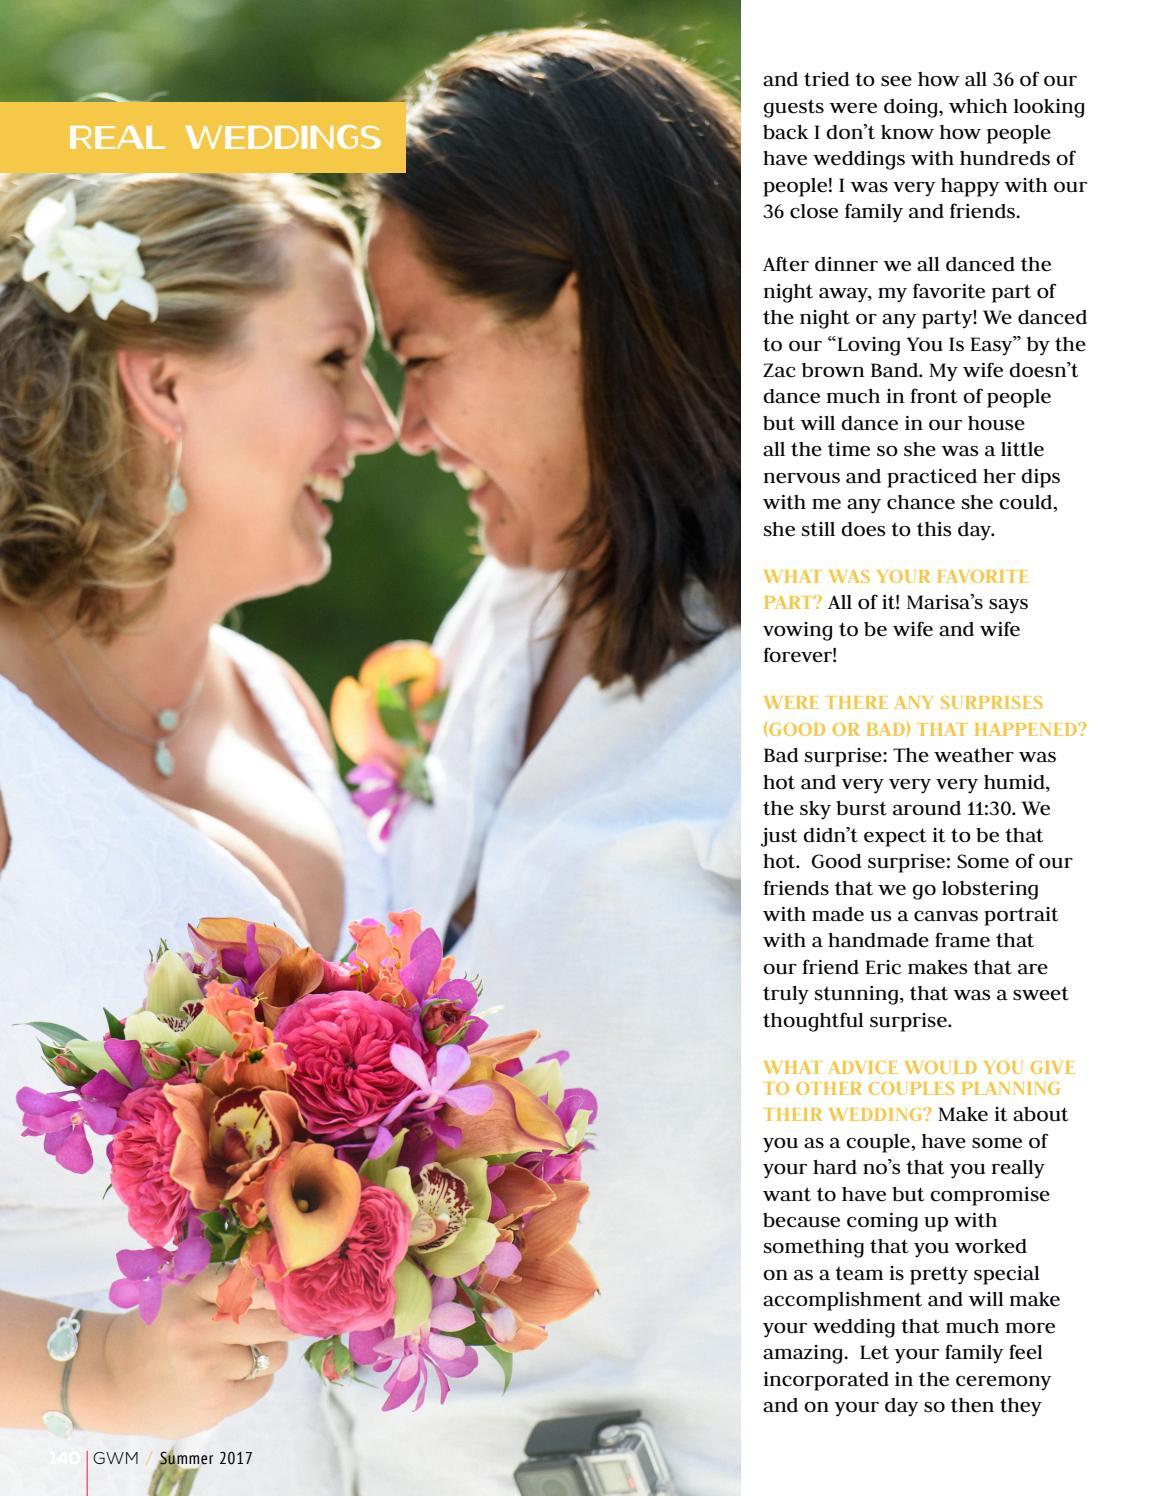 a45a0369e01 Summer 2017 GWM by Gay Weddings and Marriage Magazine - issuu